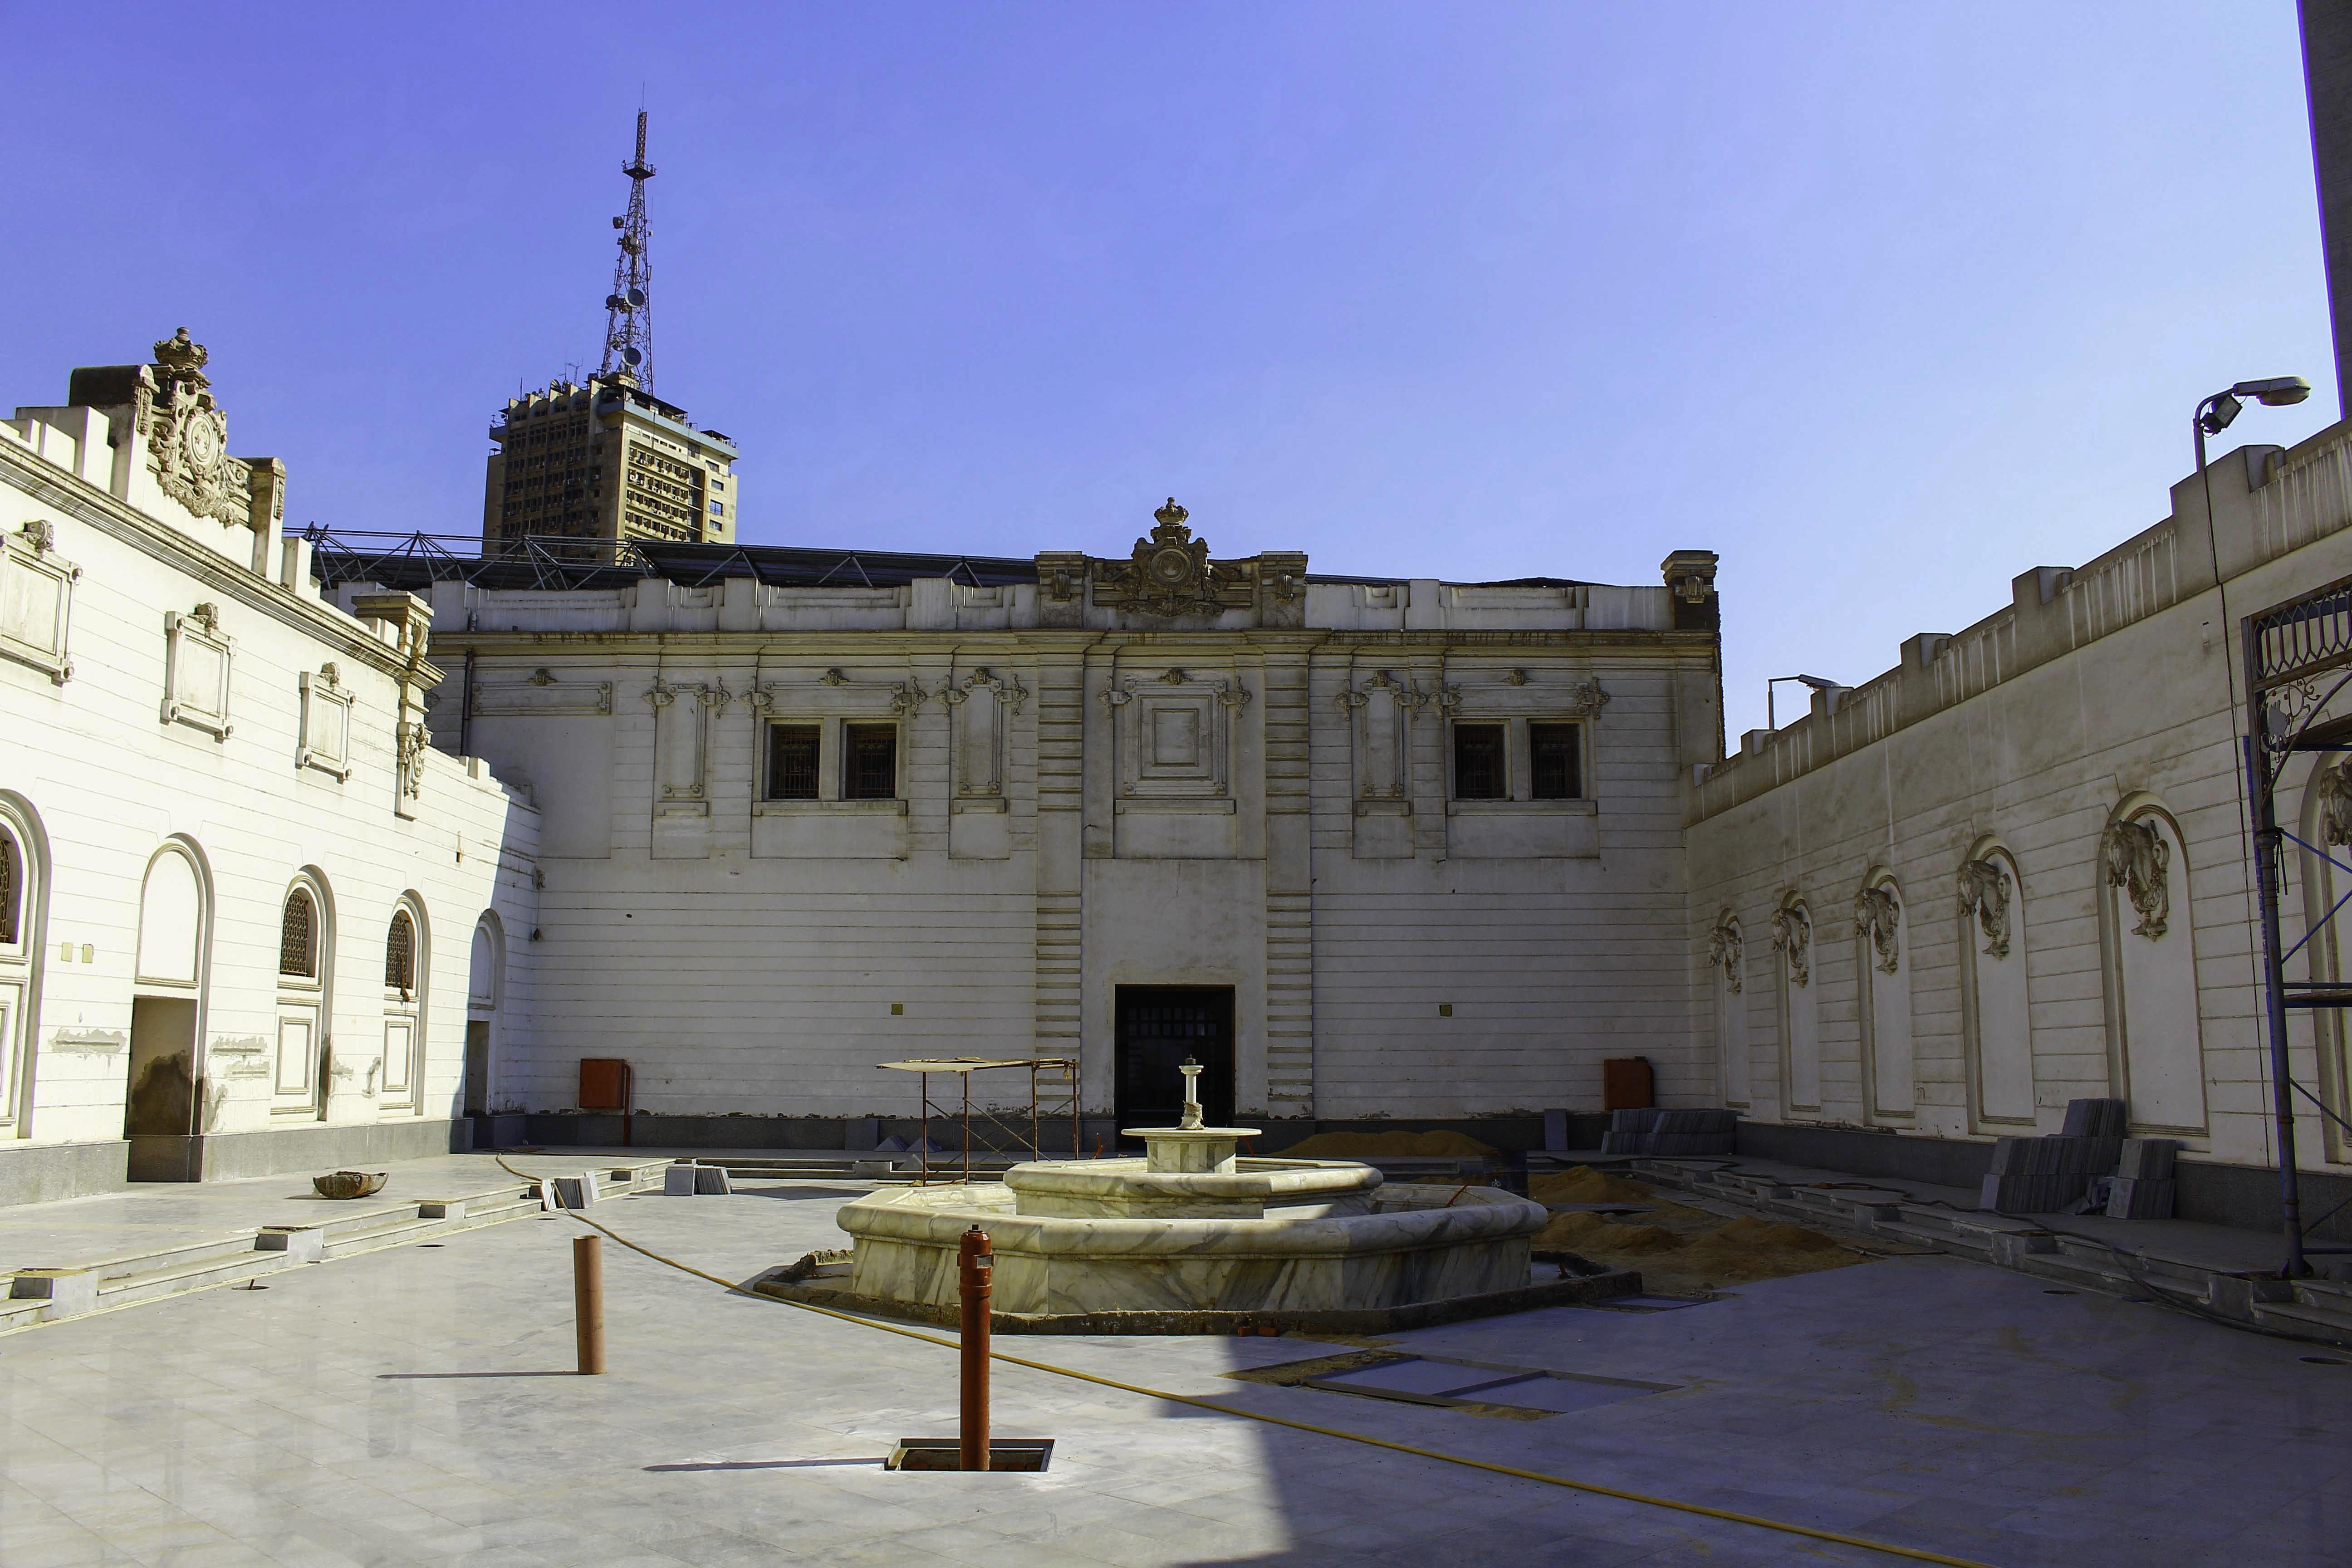 متحف المركبات الملكية - تصوير: صديق البخشونجي